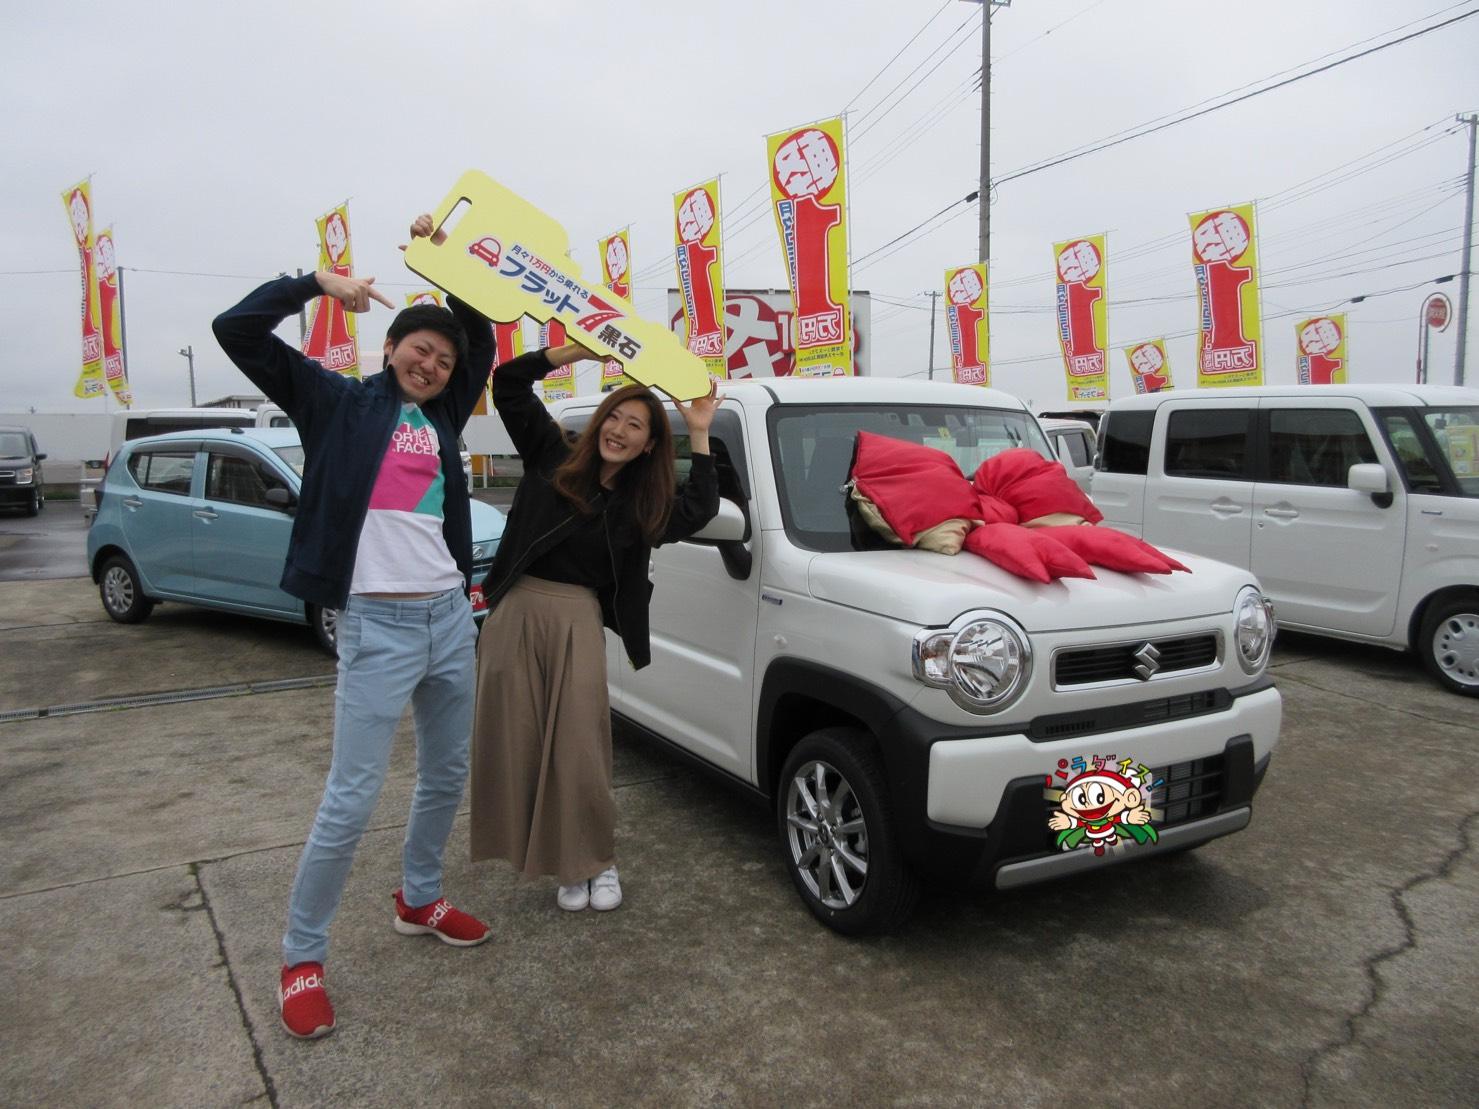 ハスラー 新車購入 弘前市のお客様のイメージ画像|黒石カーリース専門店フラット7黒石